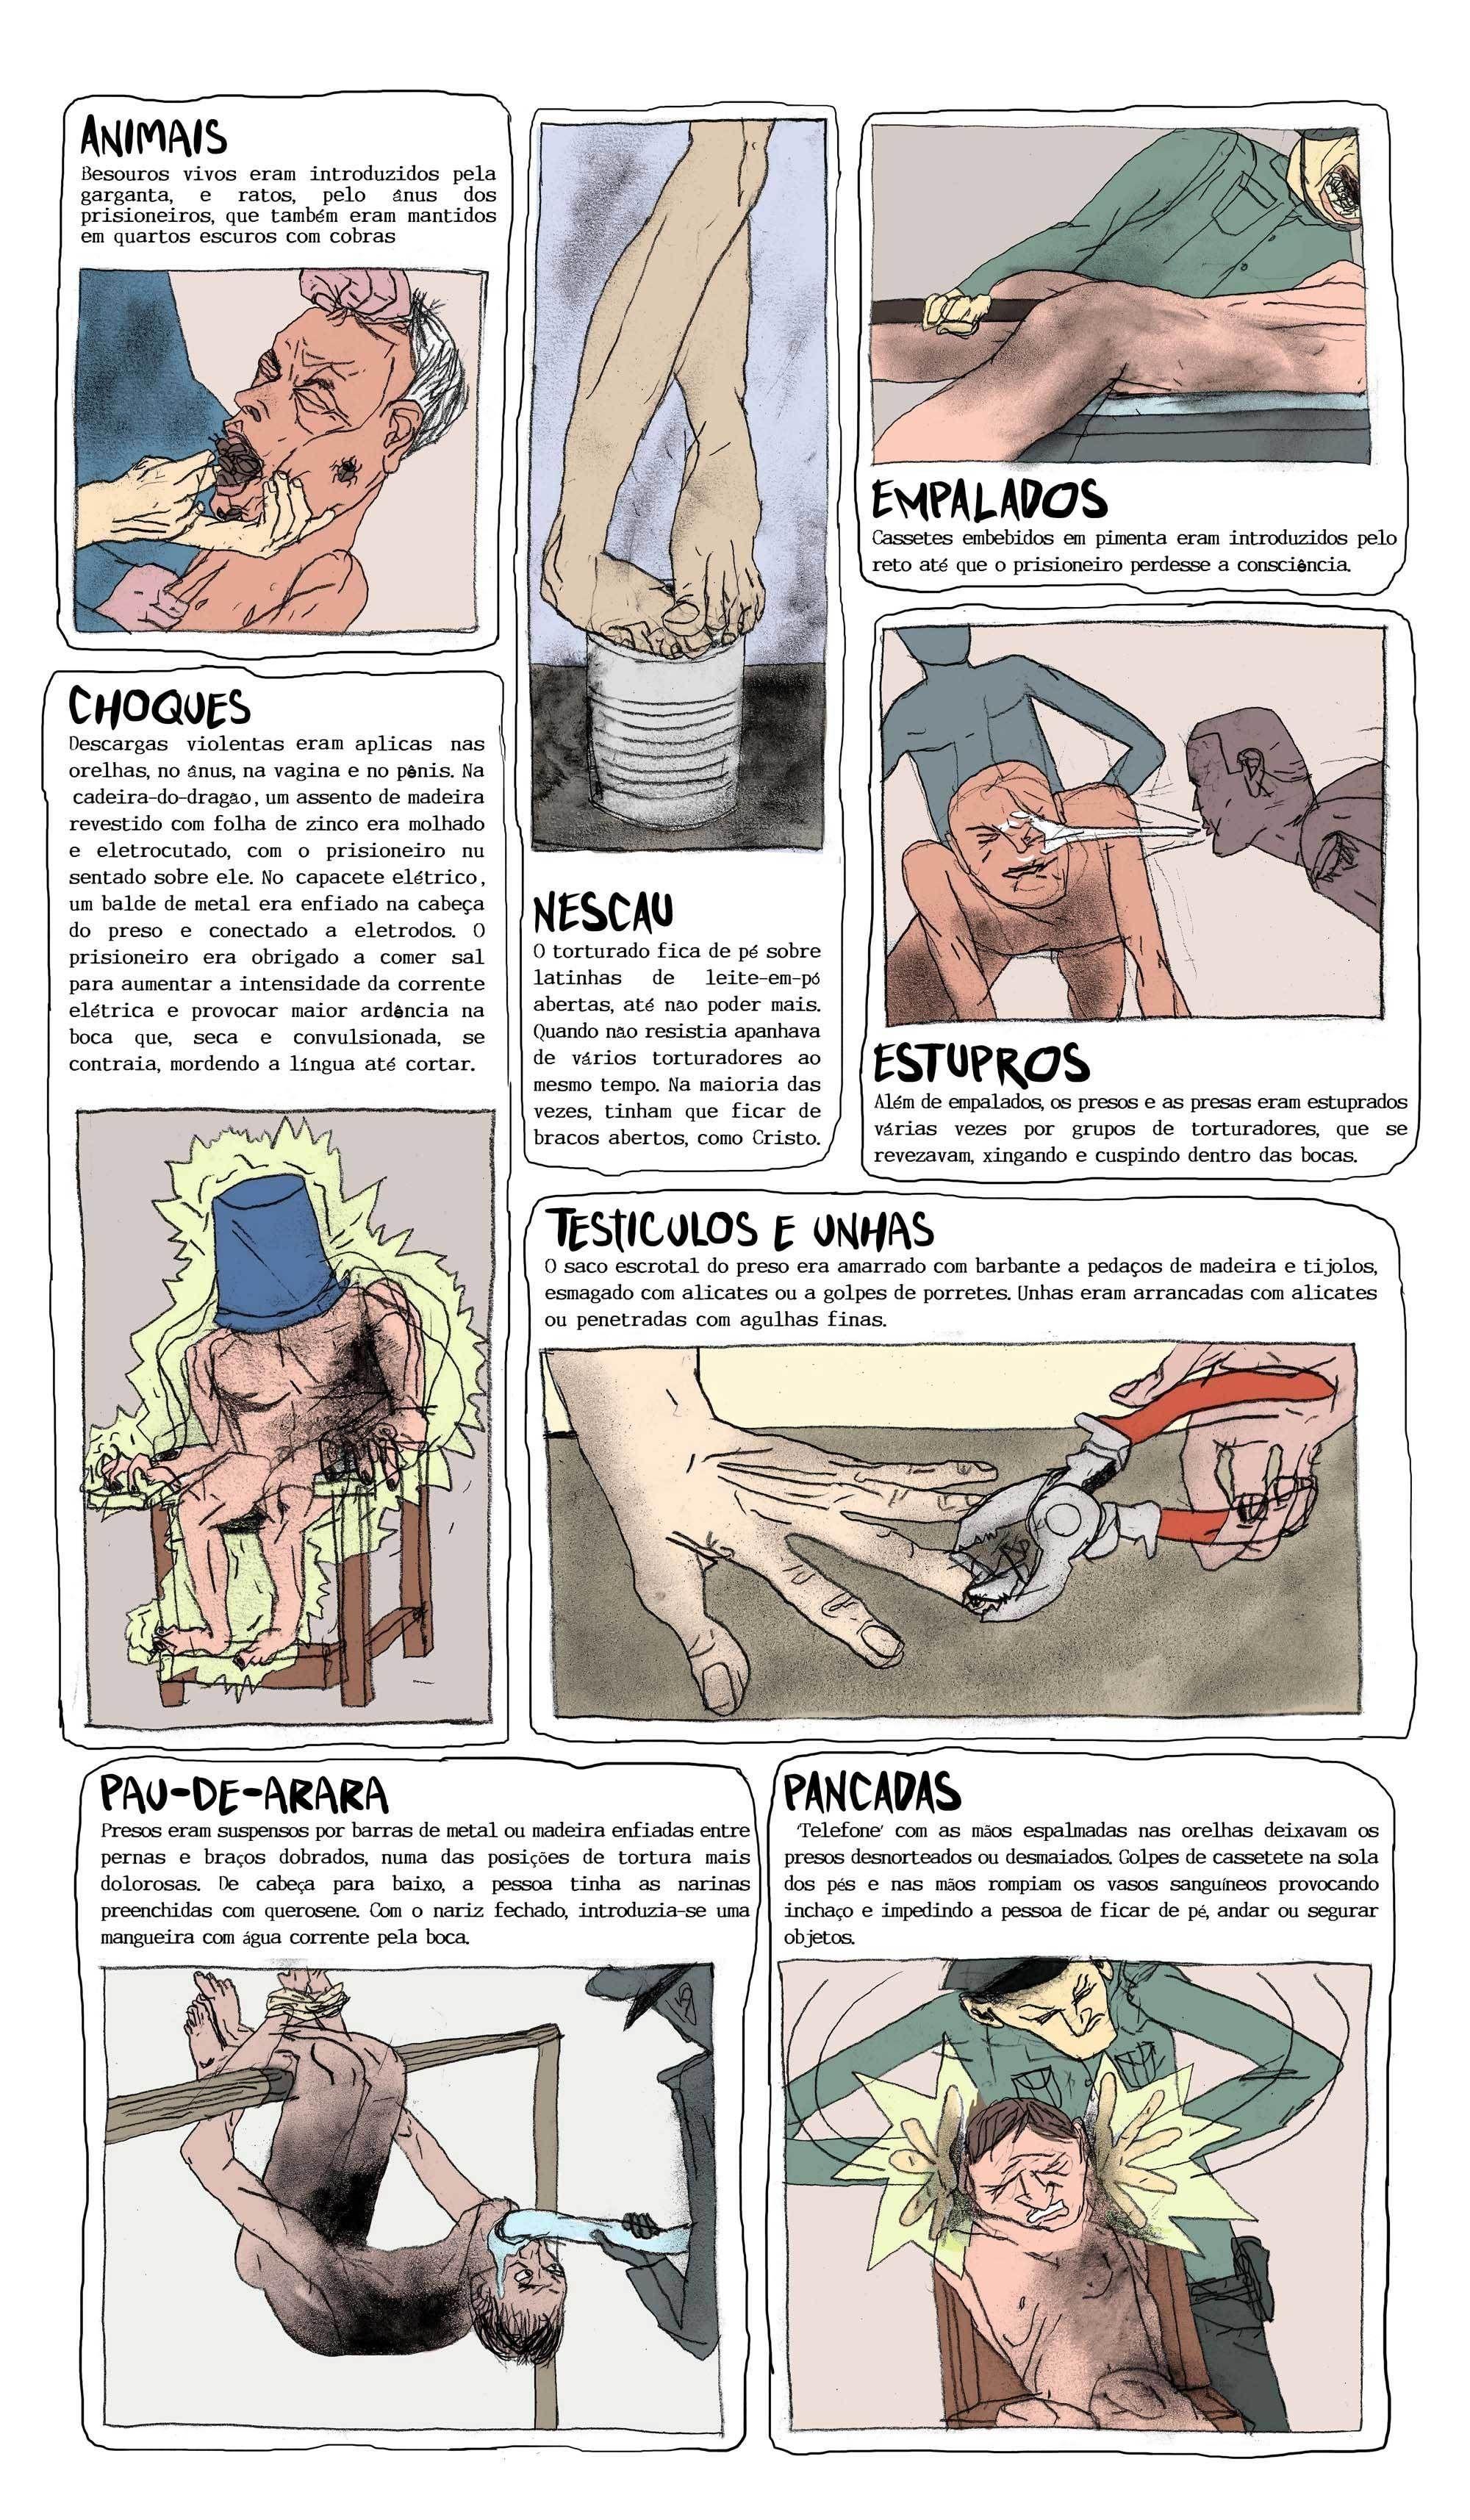 Todas as técnicas foram relatadas por torturados e torturadores à CNV. Como muita gente ainda parece não ter entendido o quanto essa prática é abominável, resolvemos convidar o desenhista Bruno Maron pra tornar mais óbvio o horror da coisa toda.